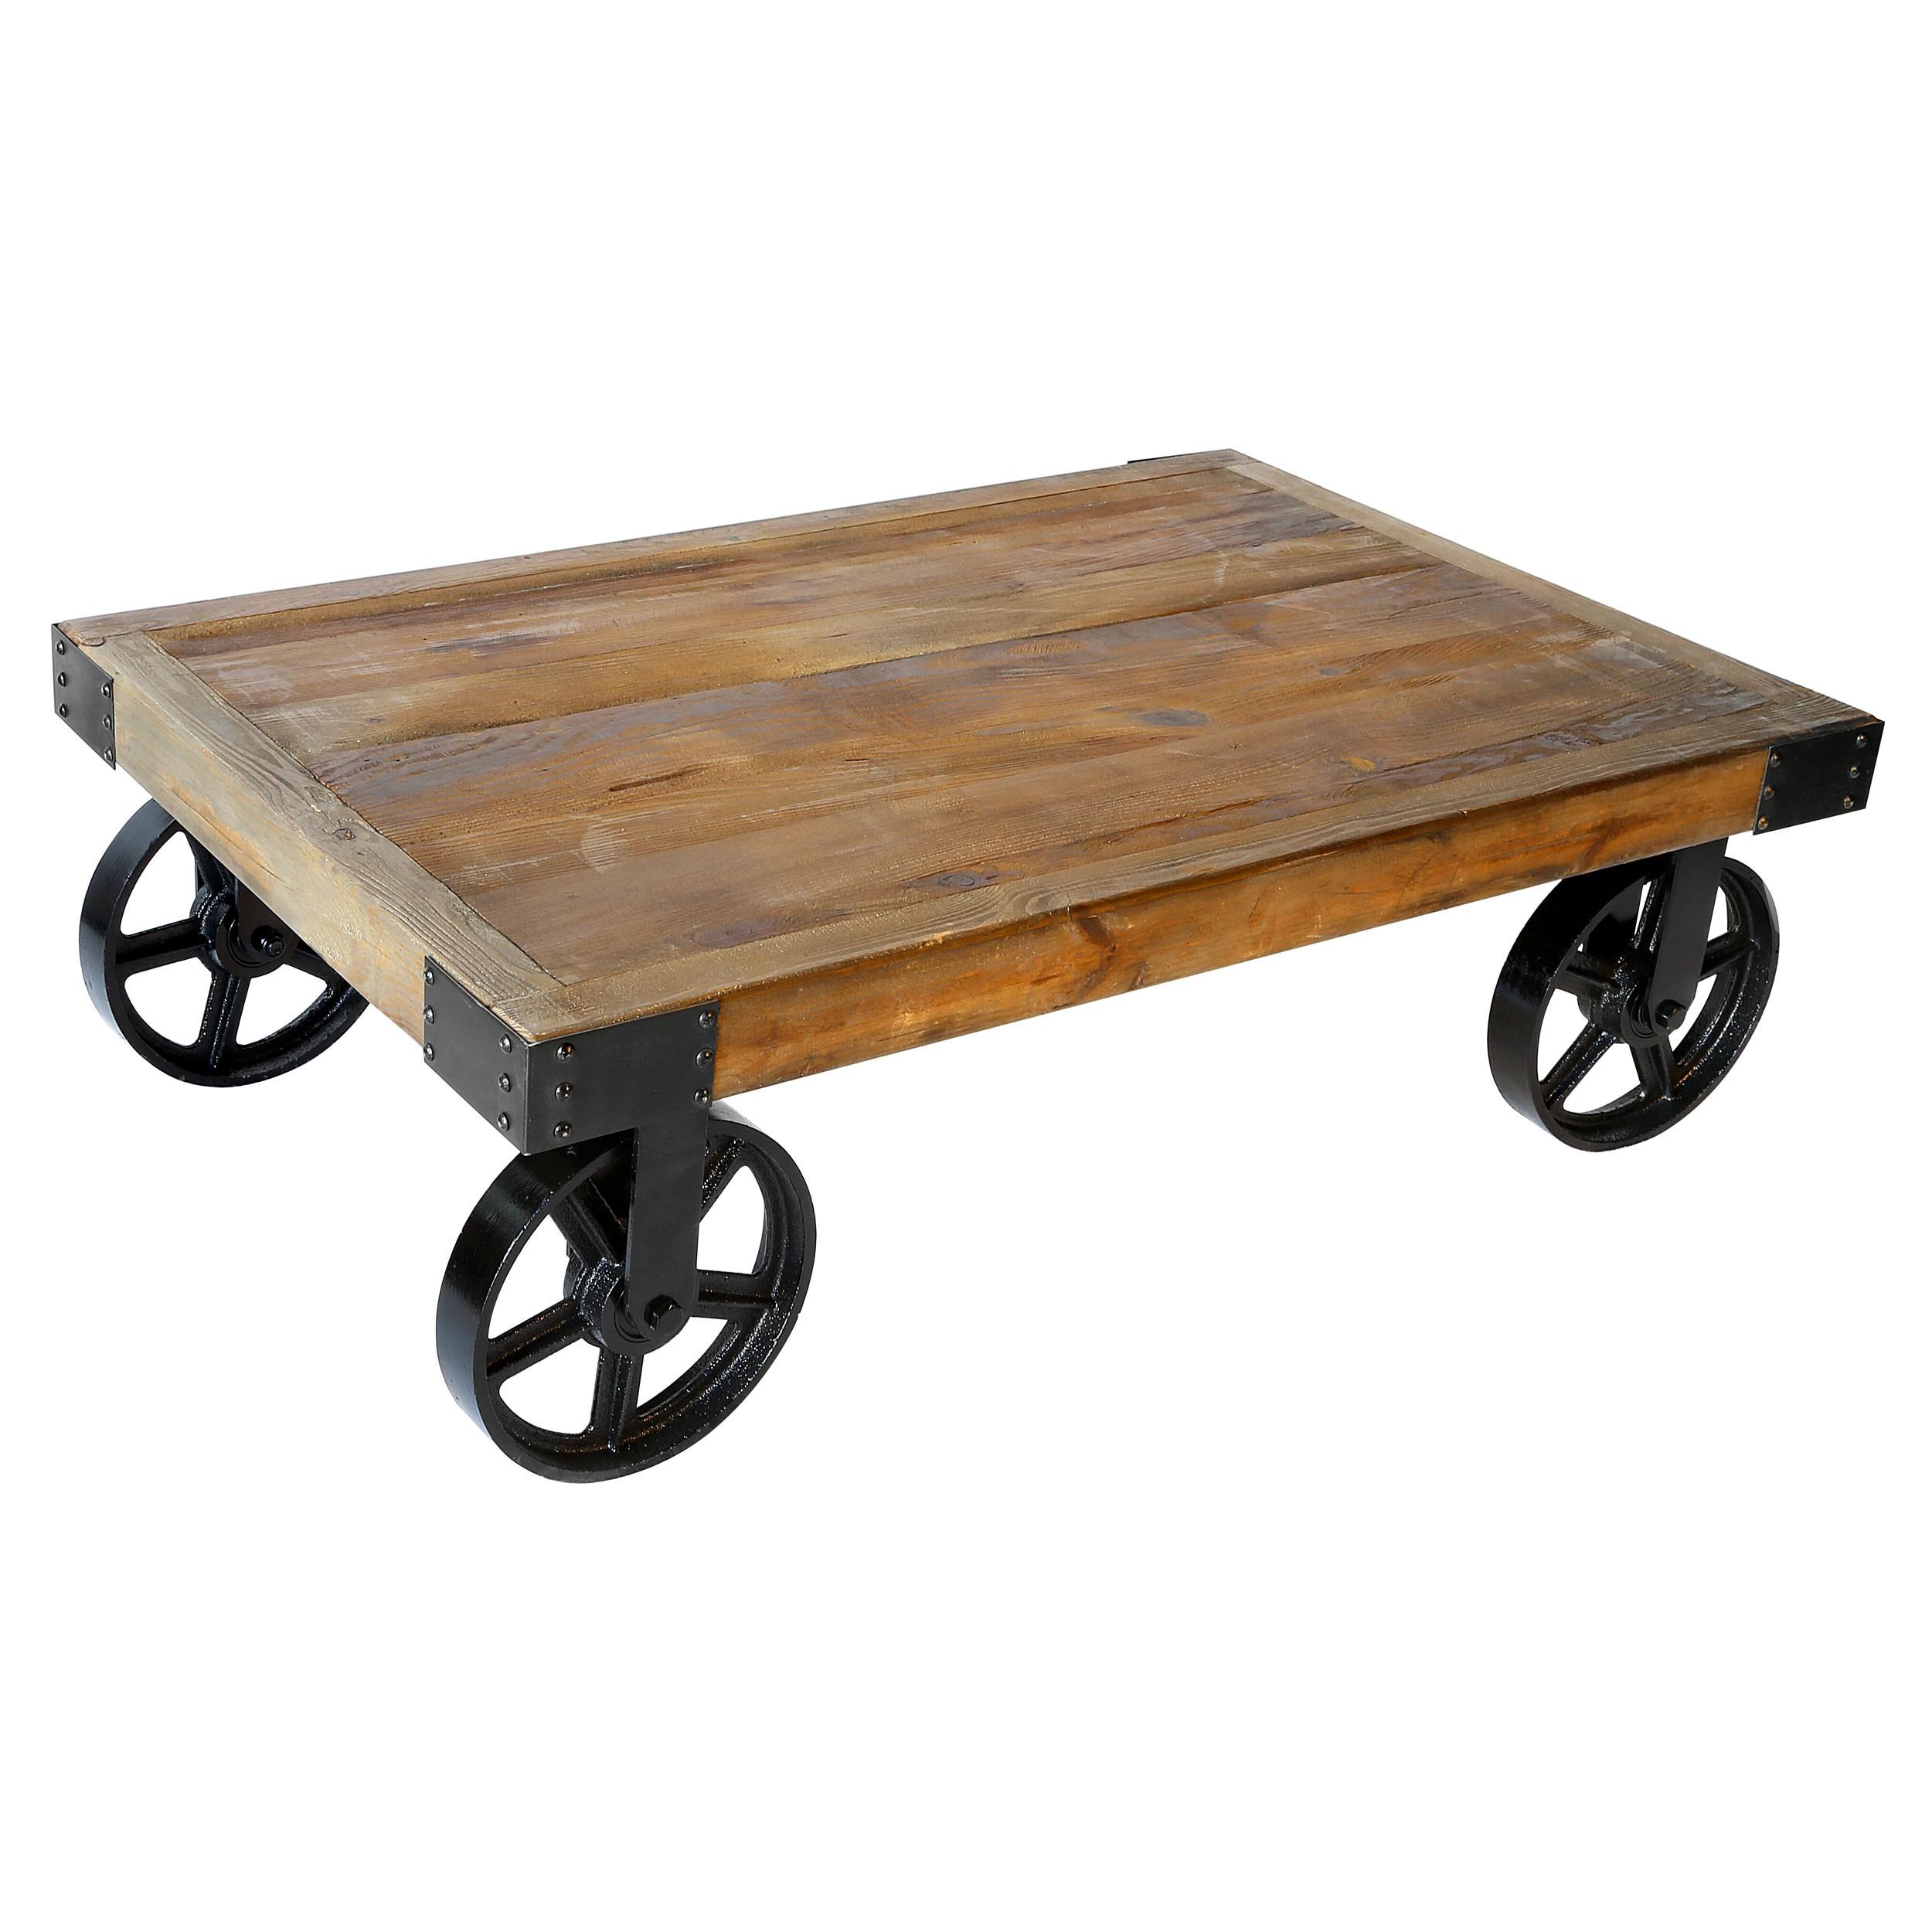 Table basse sohar rectangulaire achetez les tables - Table basse exterieur design ...